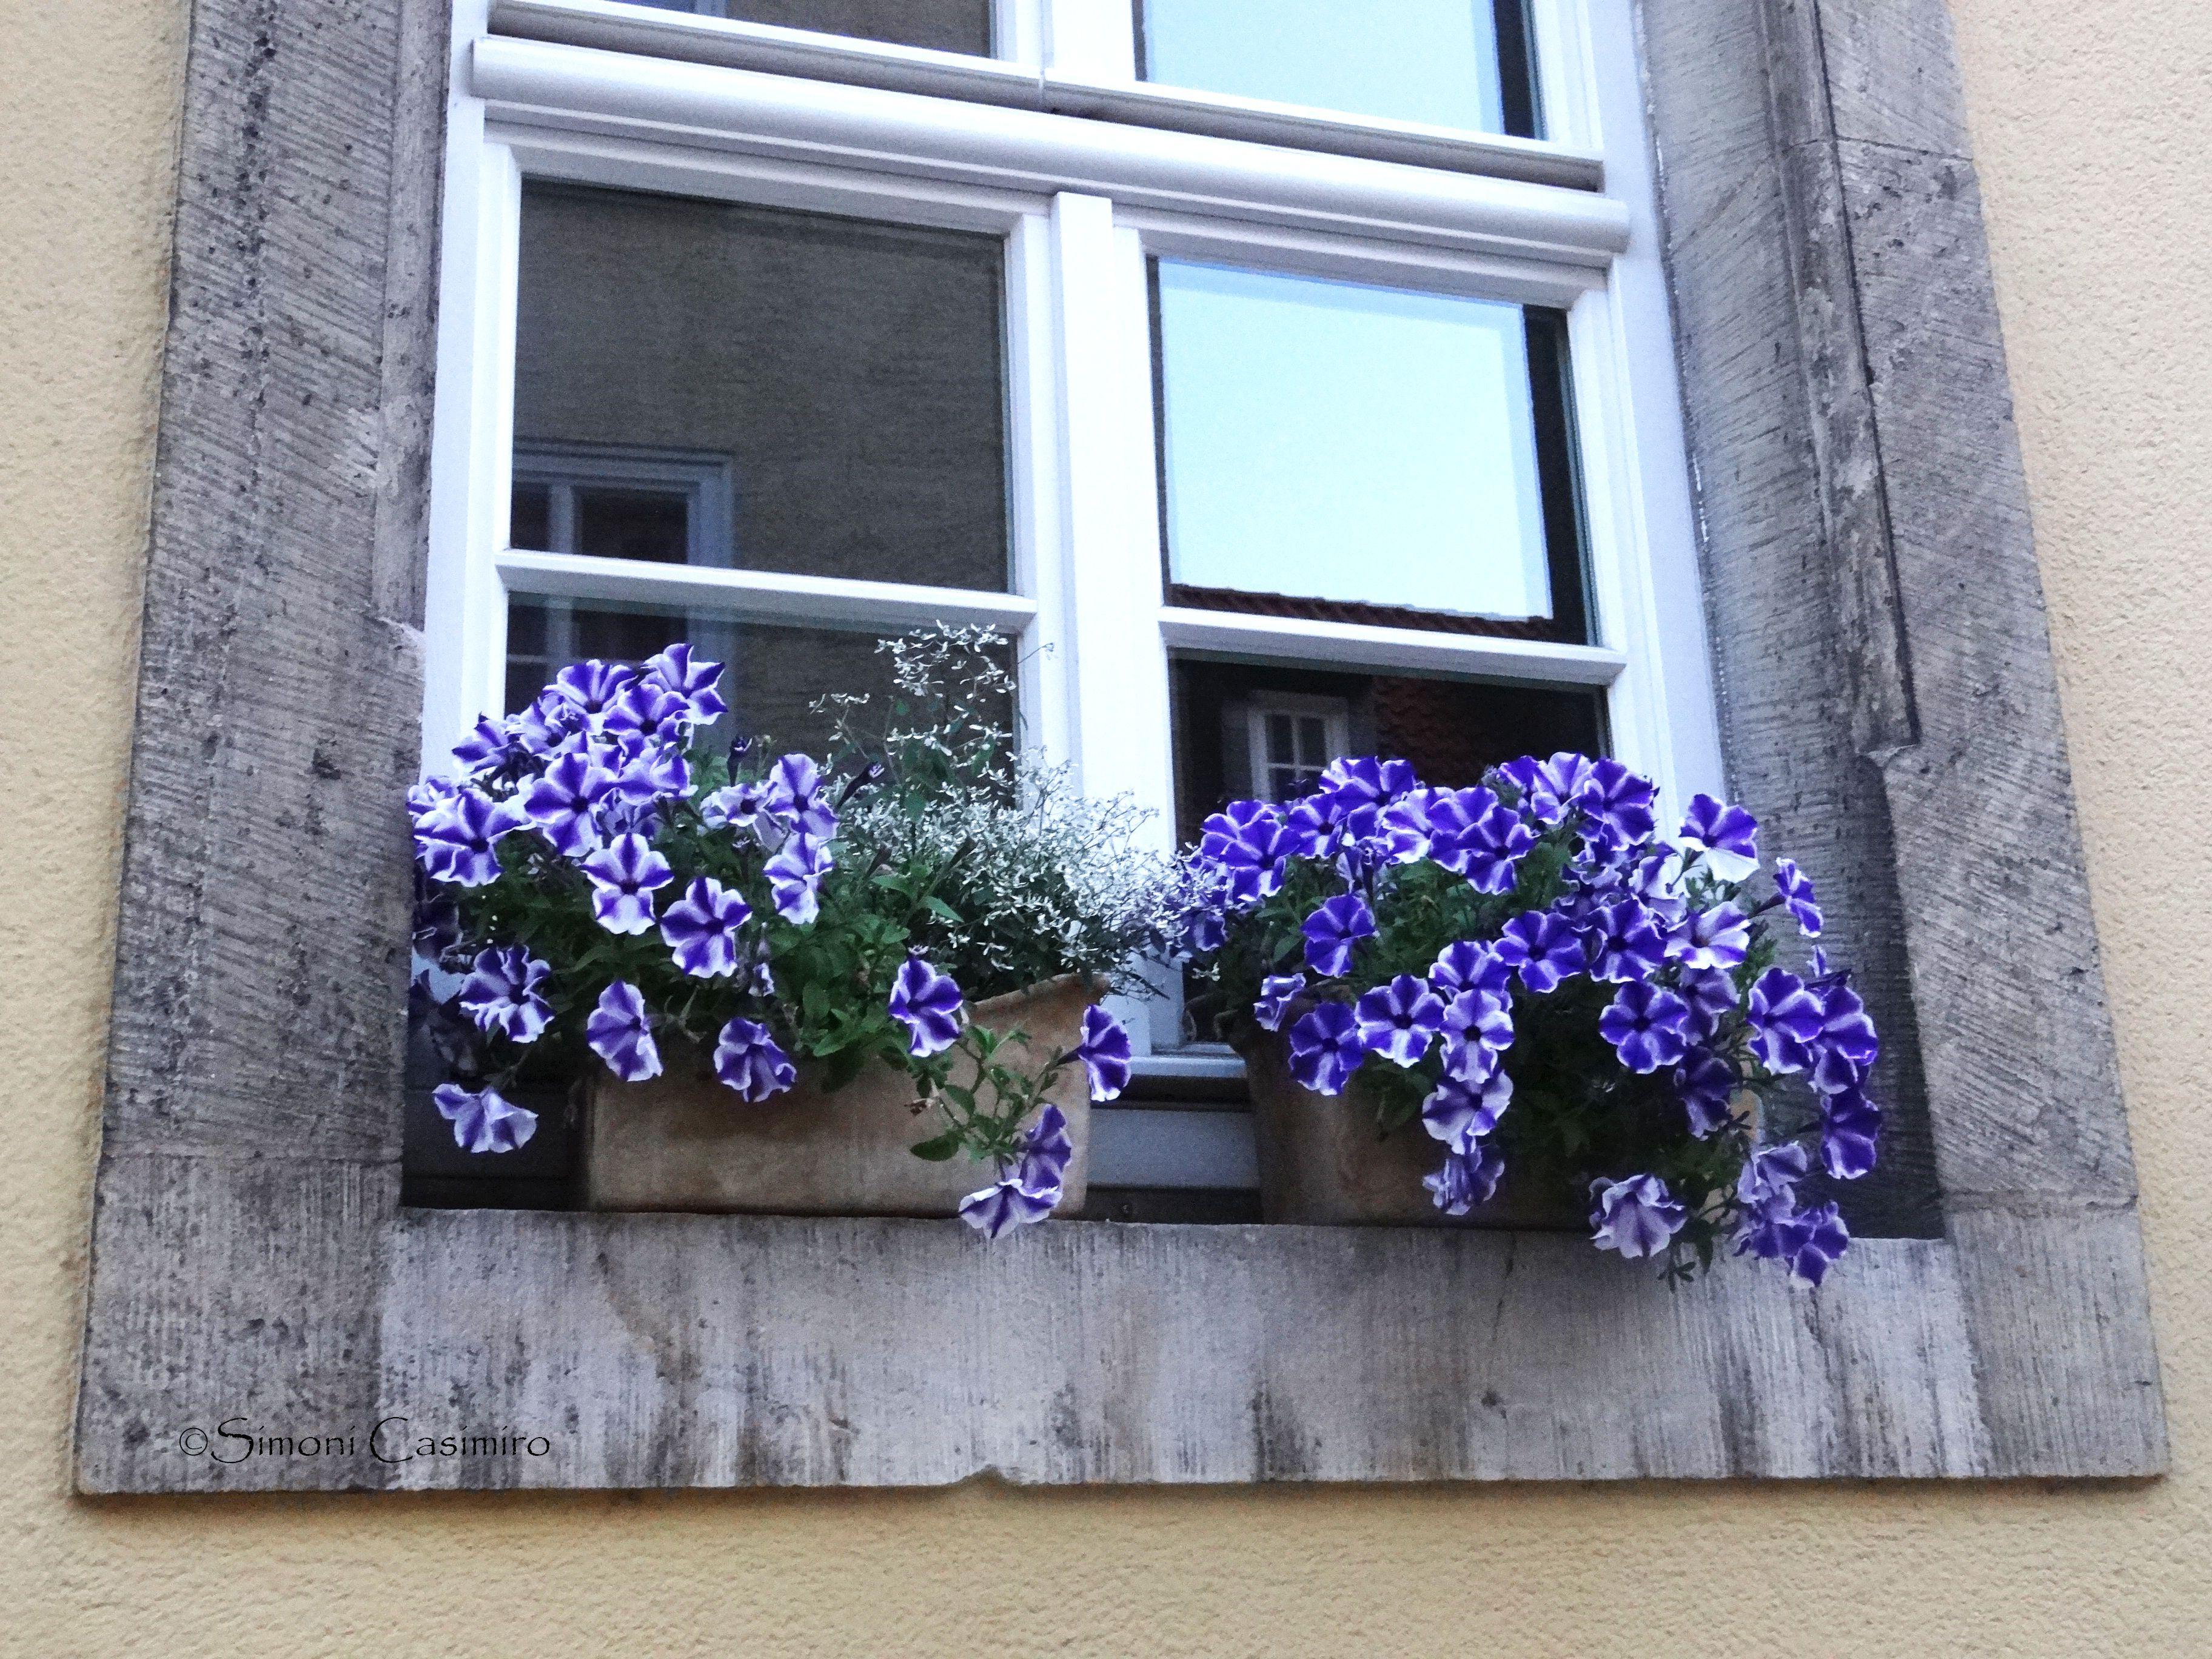 A janela na janela, e flores nela.